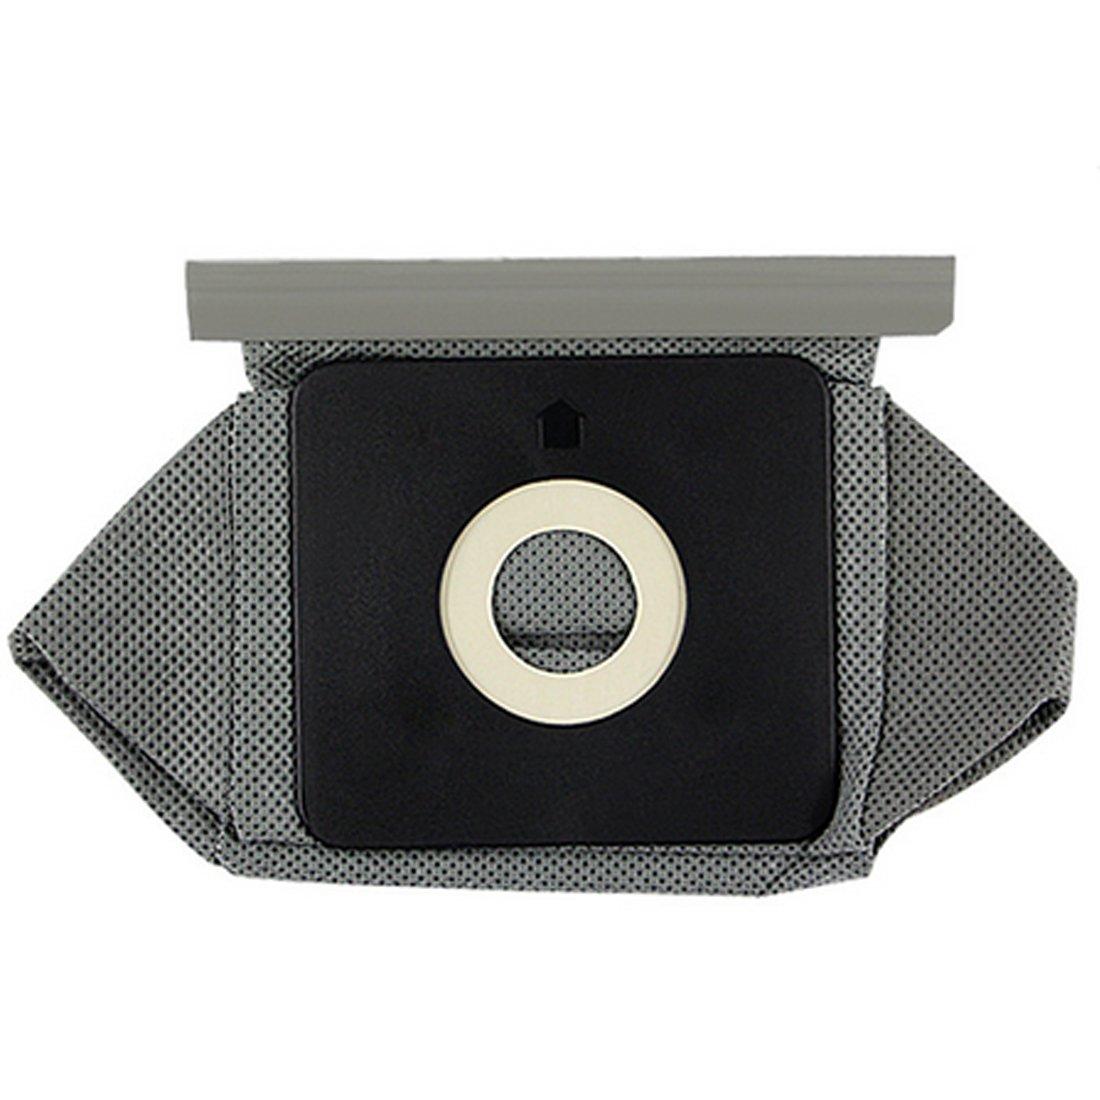 Bolsas de tela universales Bolsas de aspiradoras reutilizables para el hogar Accesorios de piezas de aspiradoras Apto para Midea 1pcs 10x11x5cm: Amazon.es: Hogar